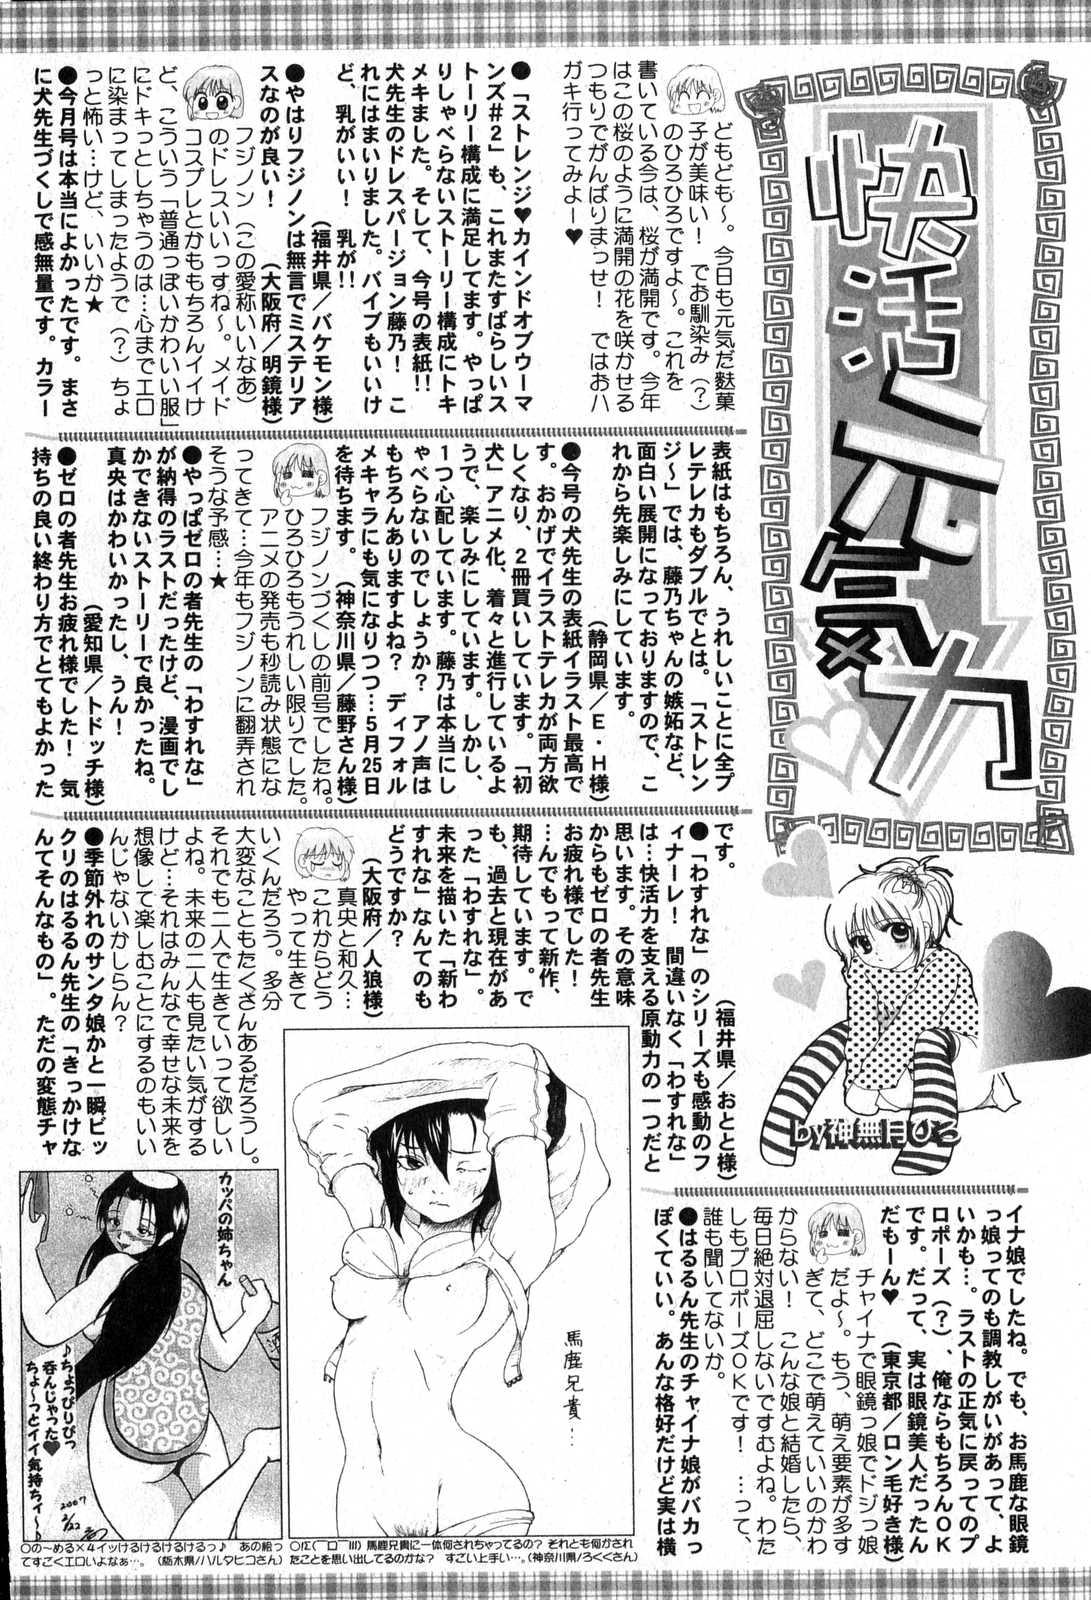 Bishoujo Teki Kaikatsu Ryoku 2007 Vol.15 198